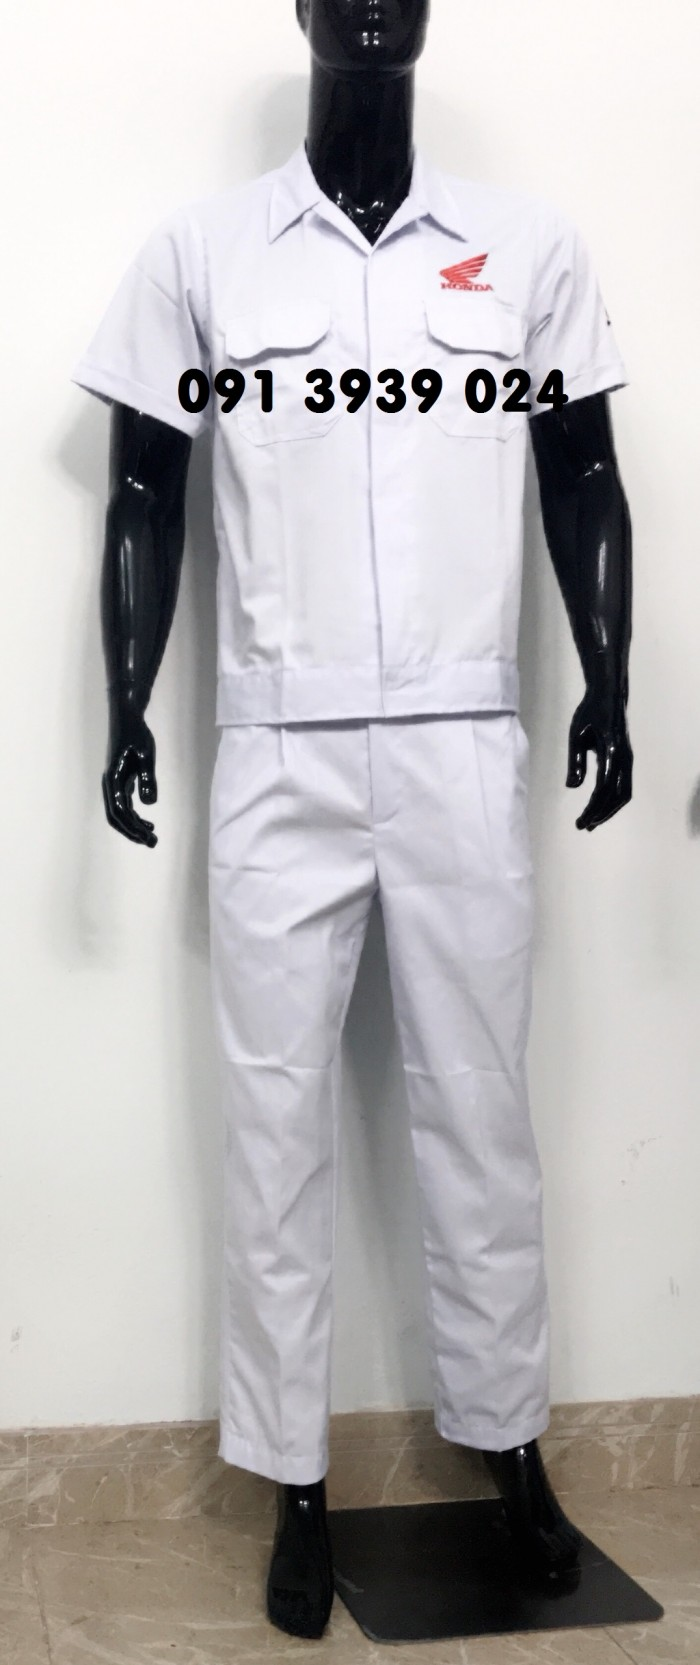 In áo thun nhanh, chuyên nhận may và in áo thun công ty theo yêu cầu, in áo thun sl lớn